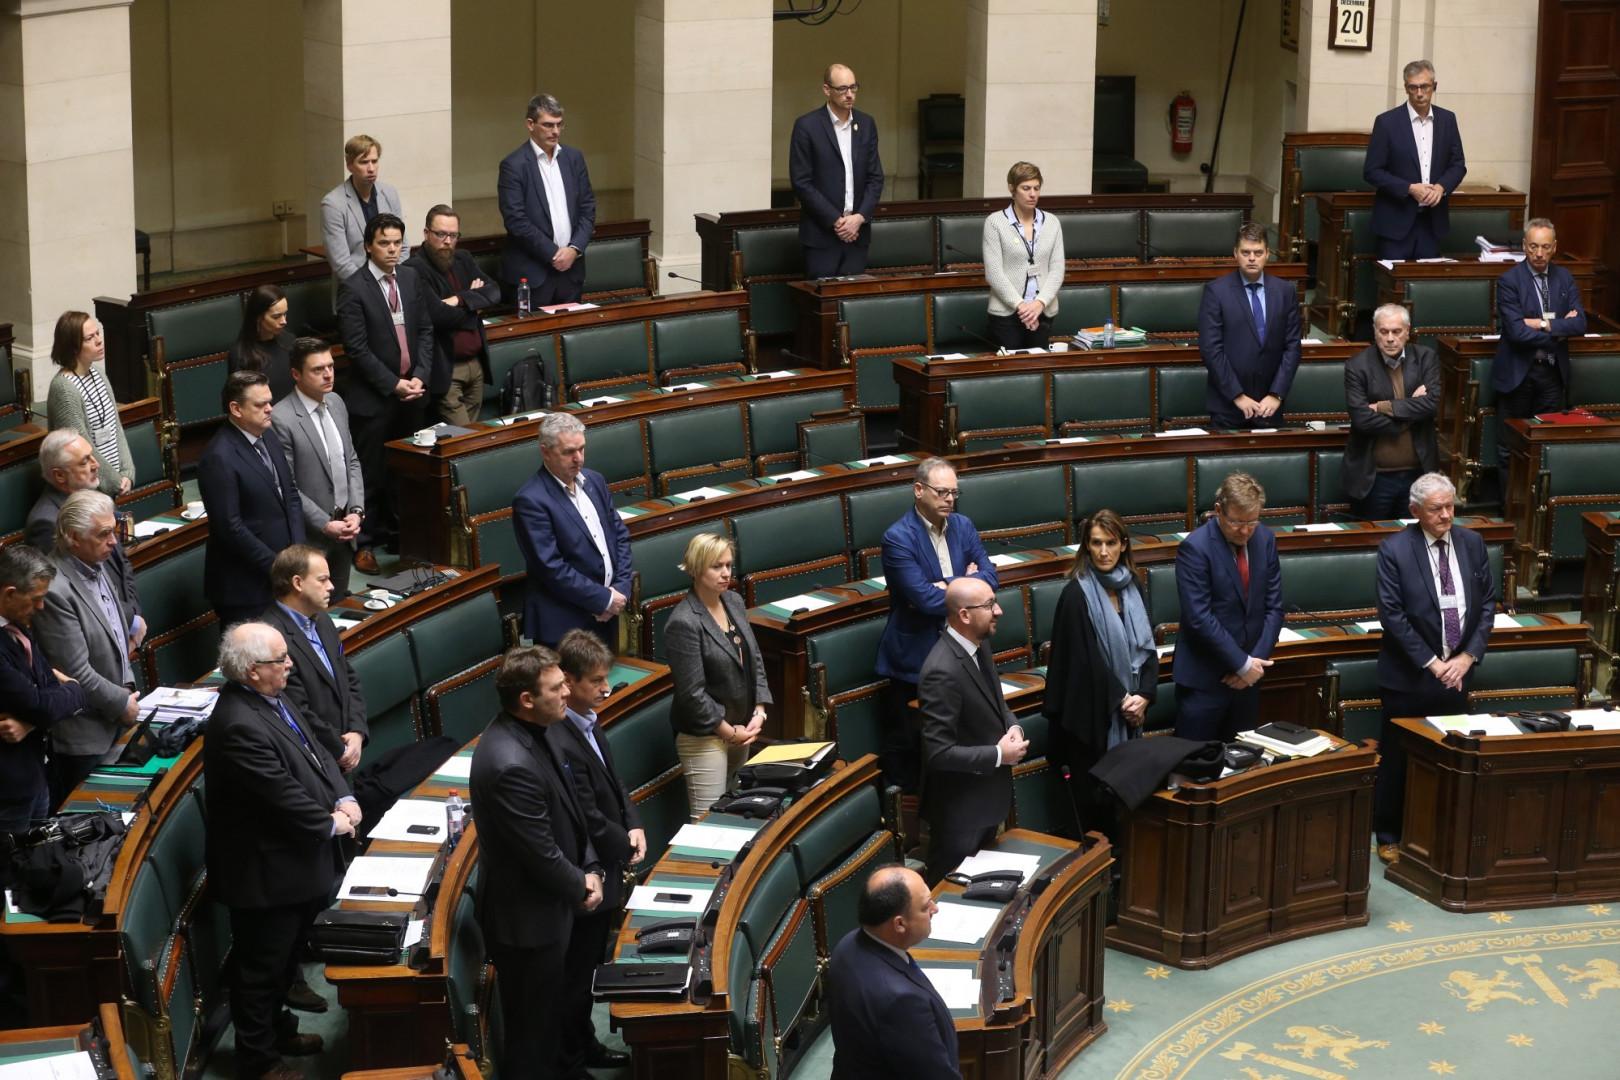 Les députés belges observent une minute de silence en hommage aux victimes de l'attentat de Berlin, le 20 décembre 2016.